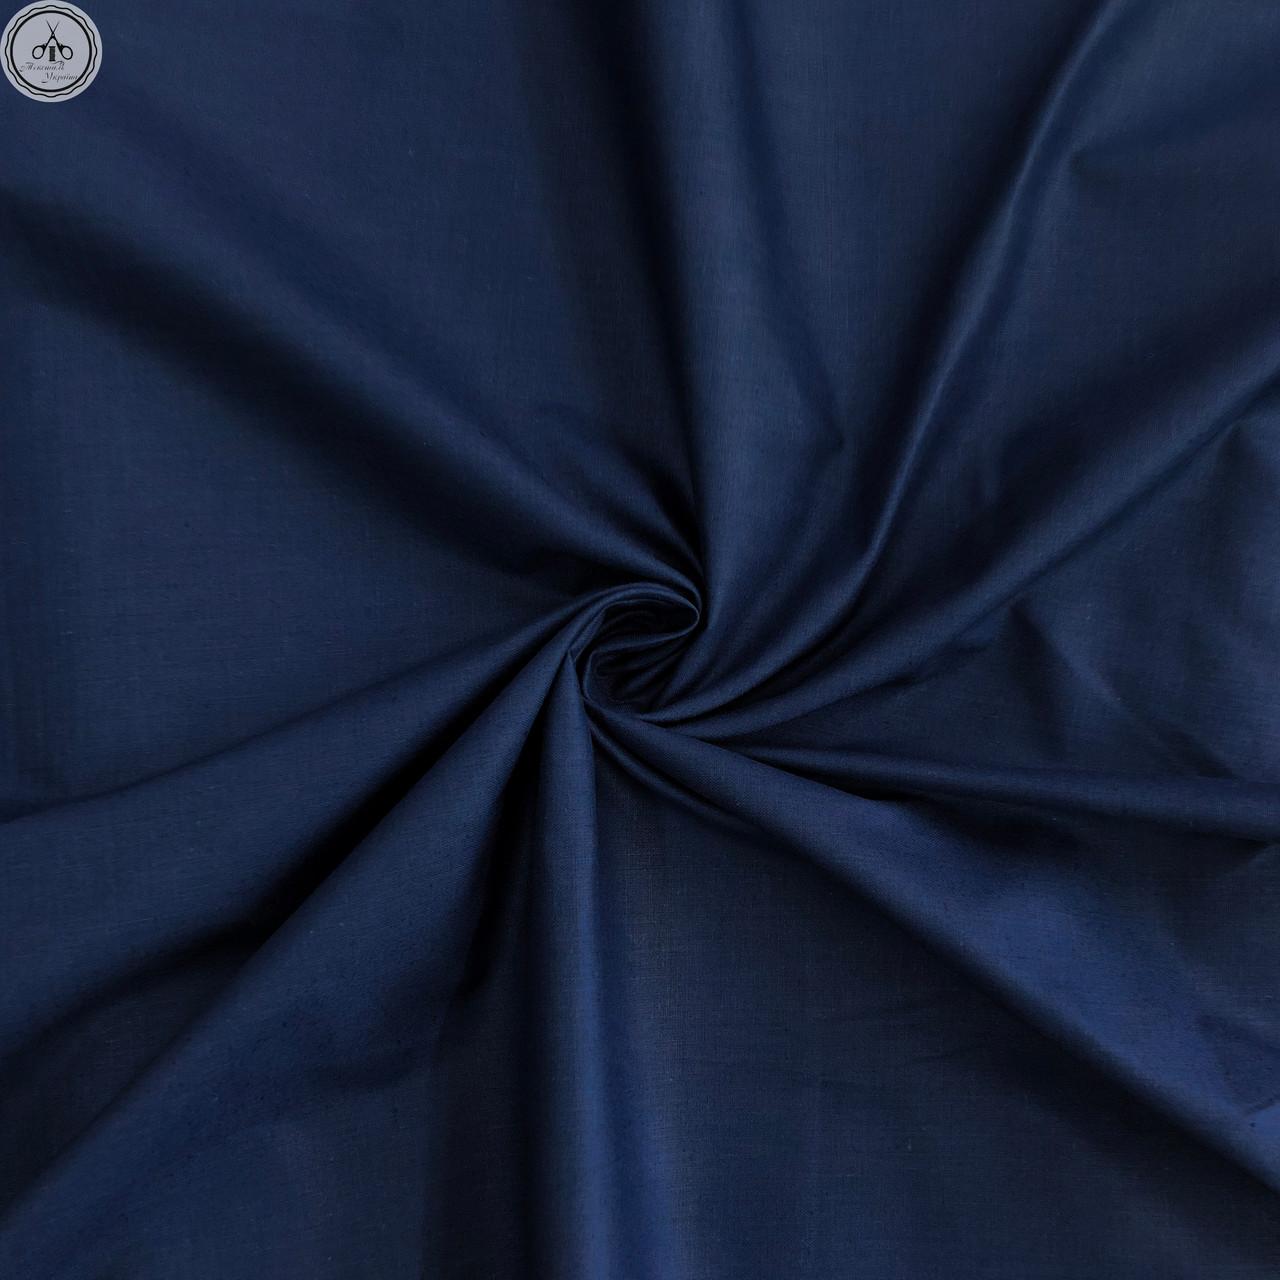 Польская хлопковая ткань темно-синяя 160 см